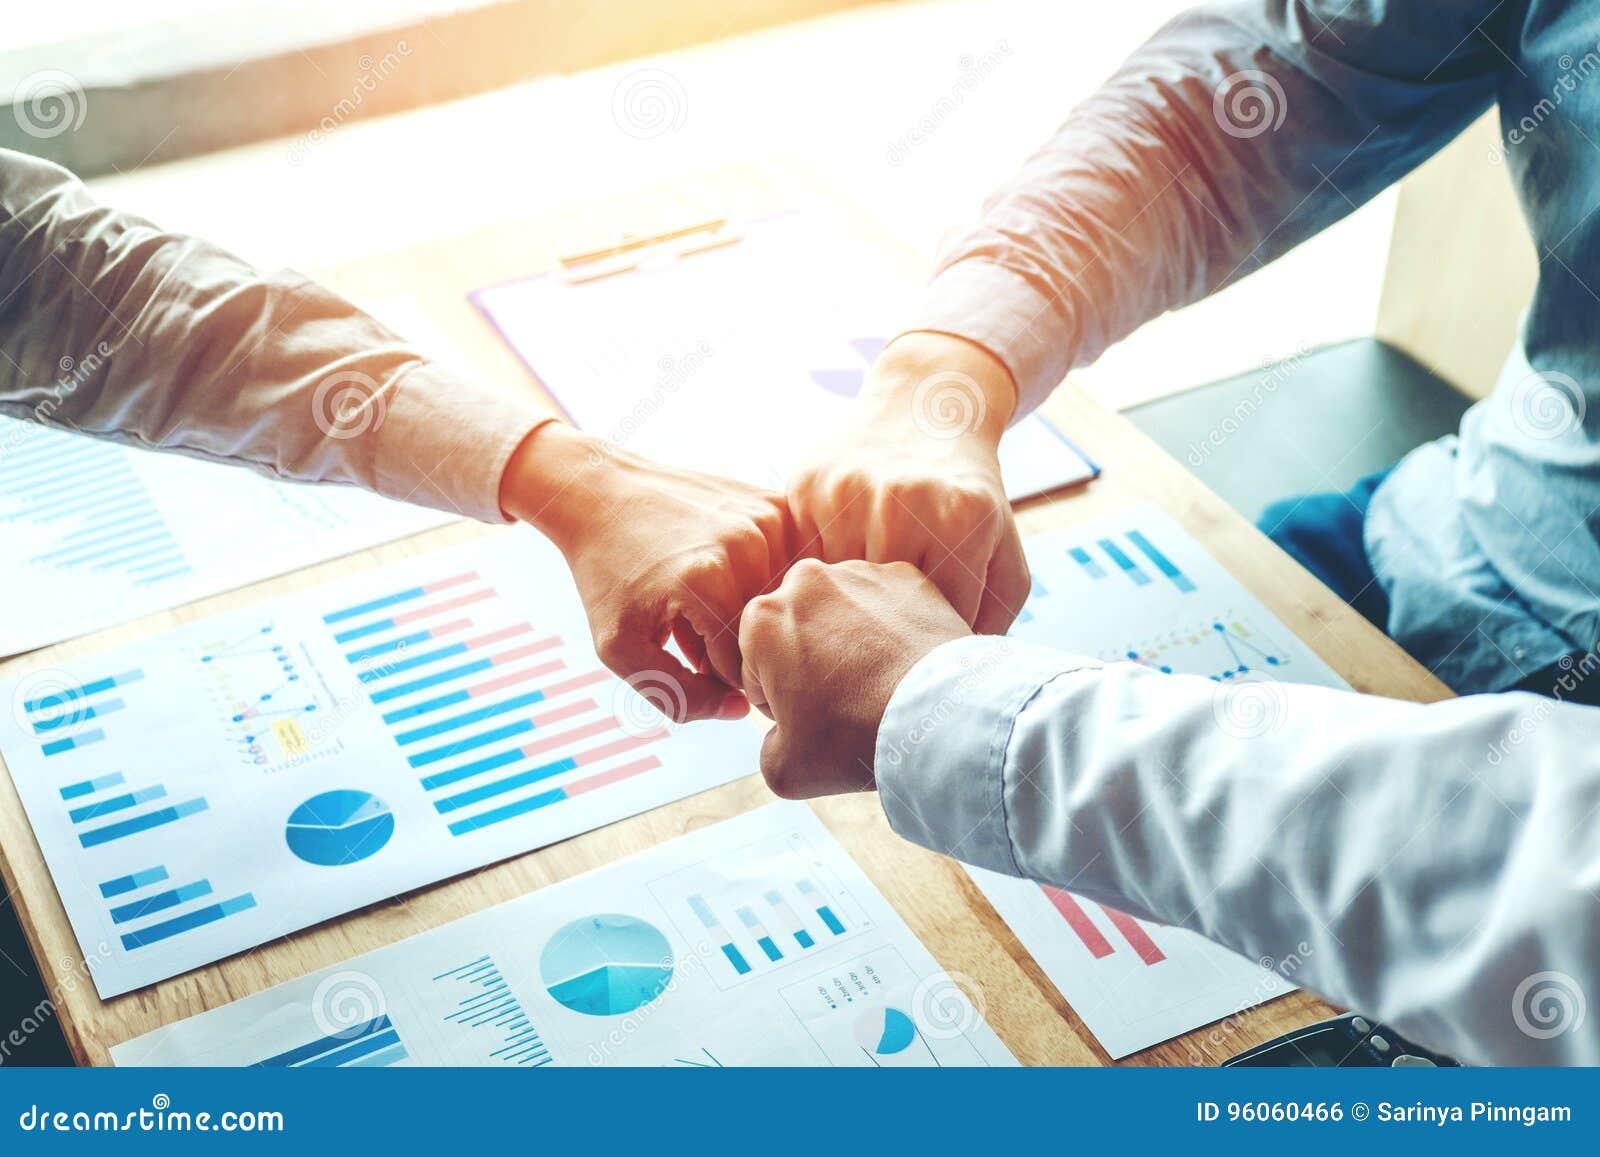 Esprit d équipe de jointure de mains de travail d équipe d affaires